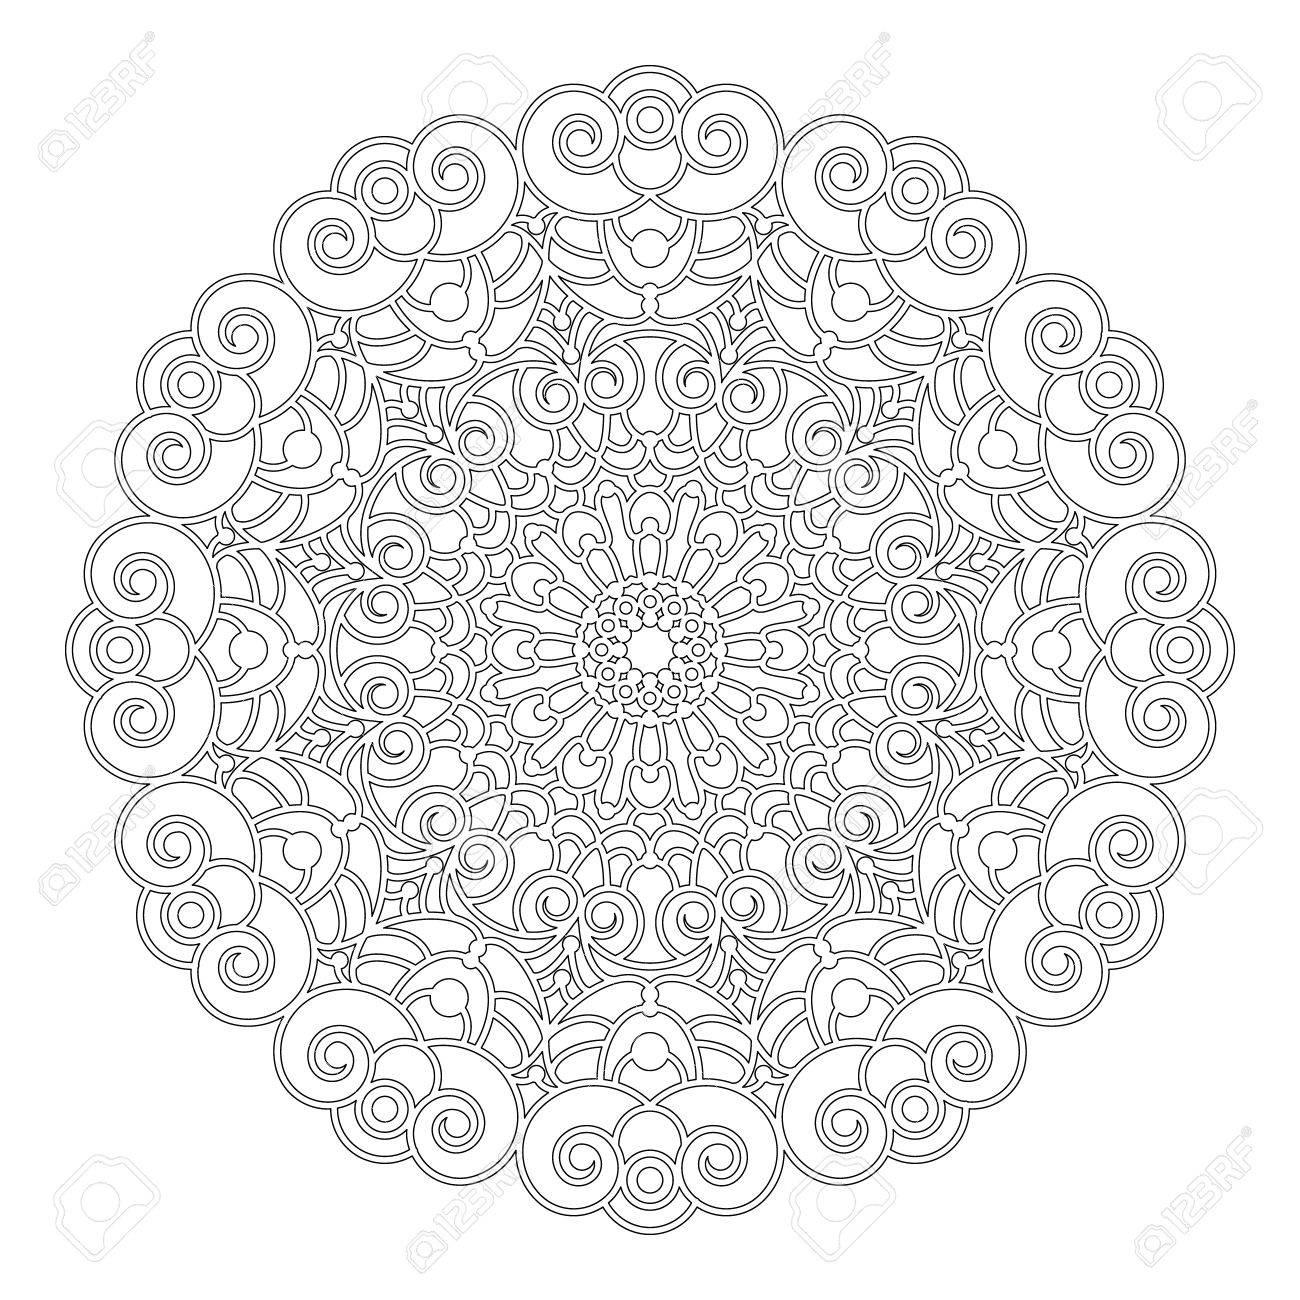 Coloriage Adulte Spirale.Vector Noir Et Blanc Rond Mandala Floral Geometrique Avec Des